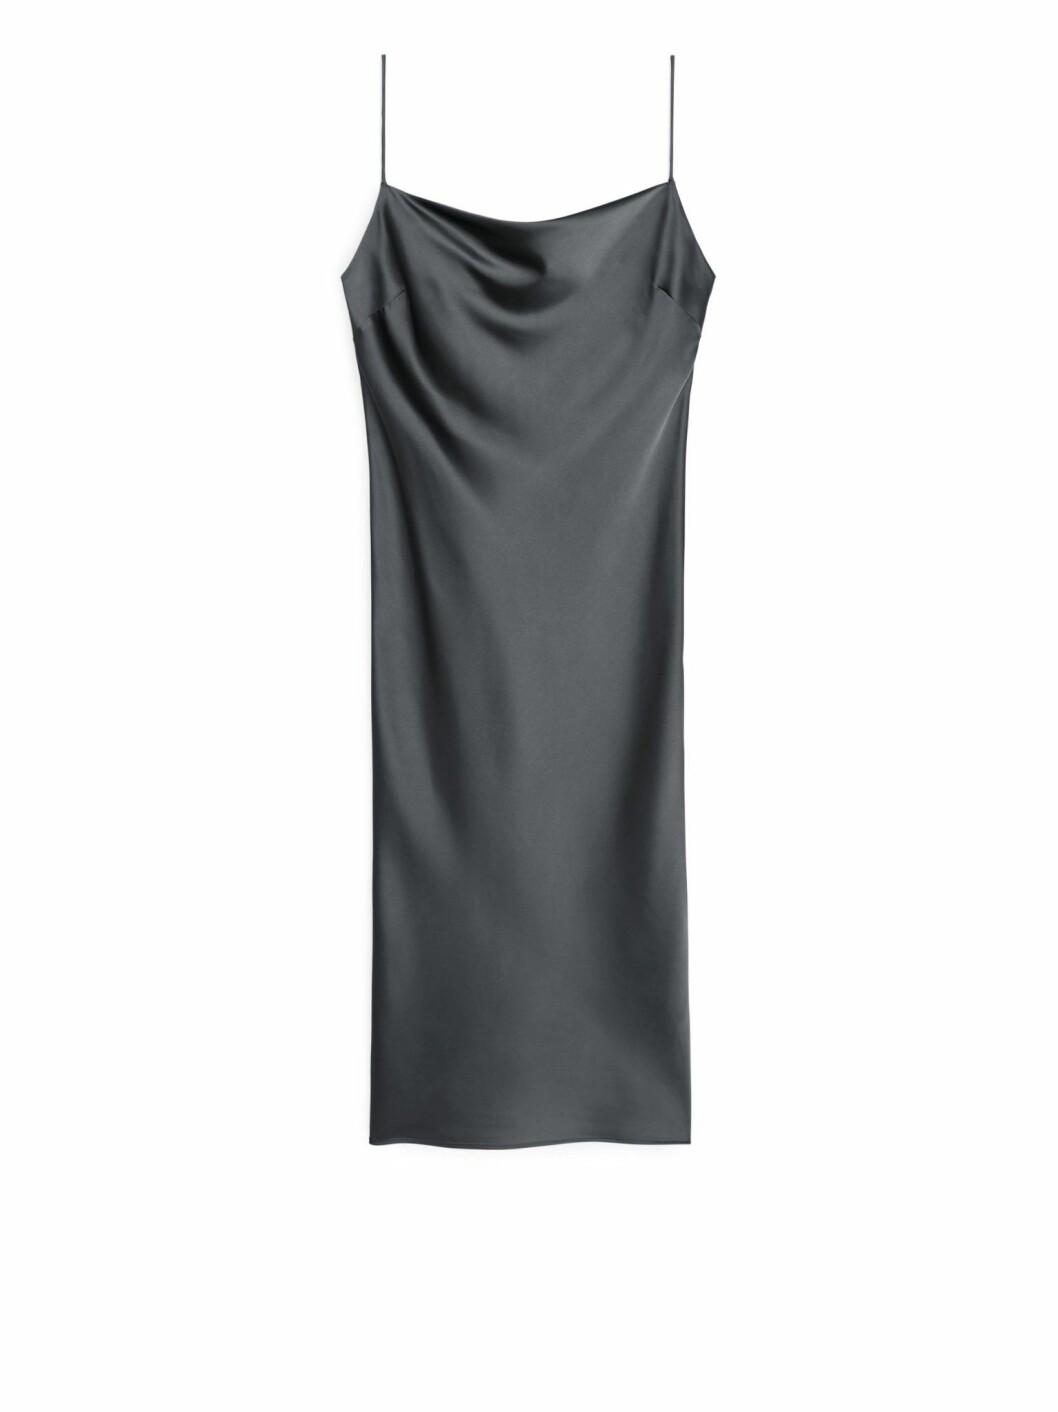 grå klänning från arket.